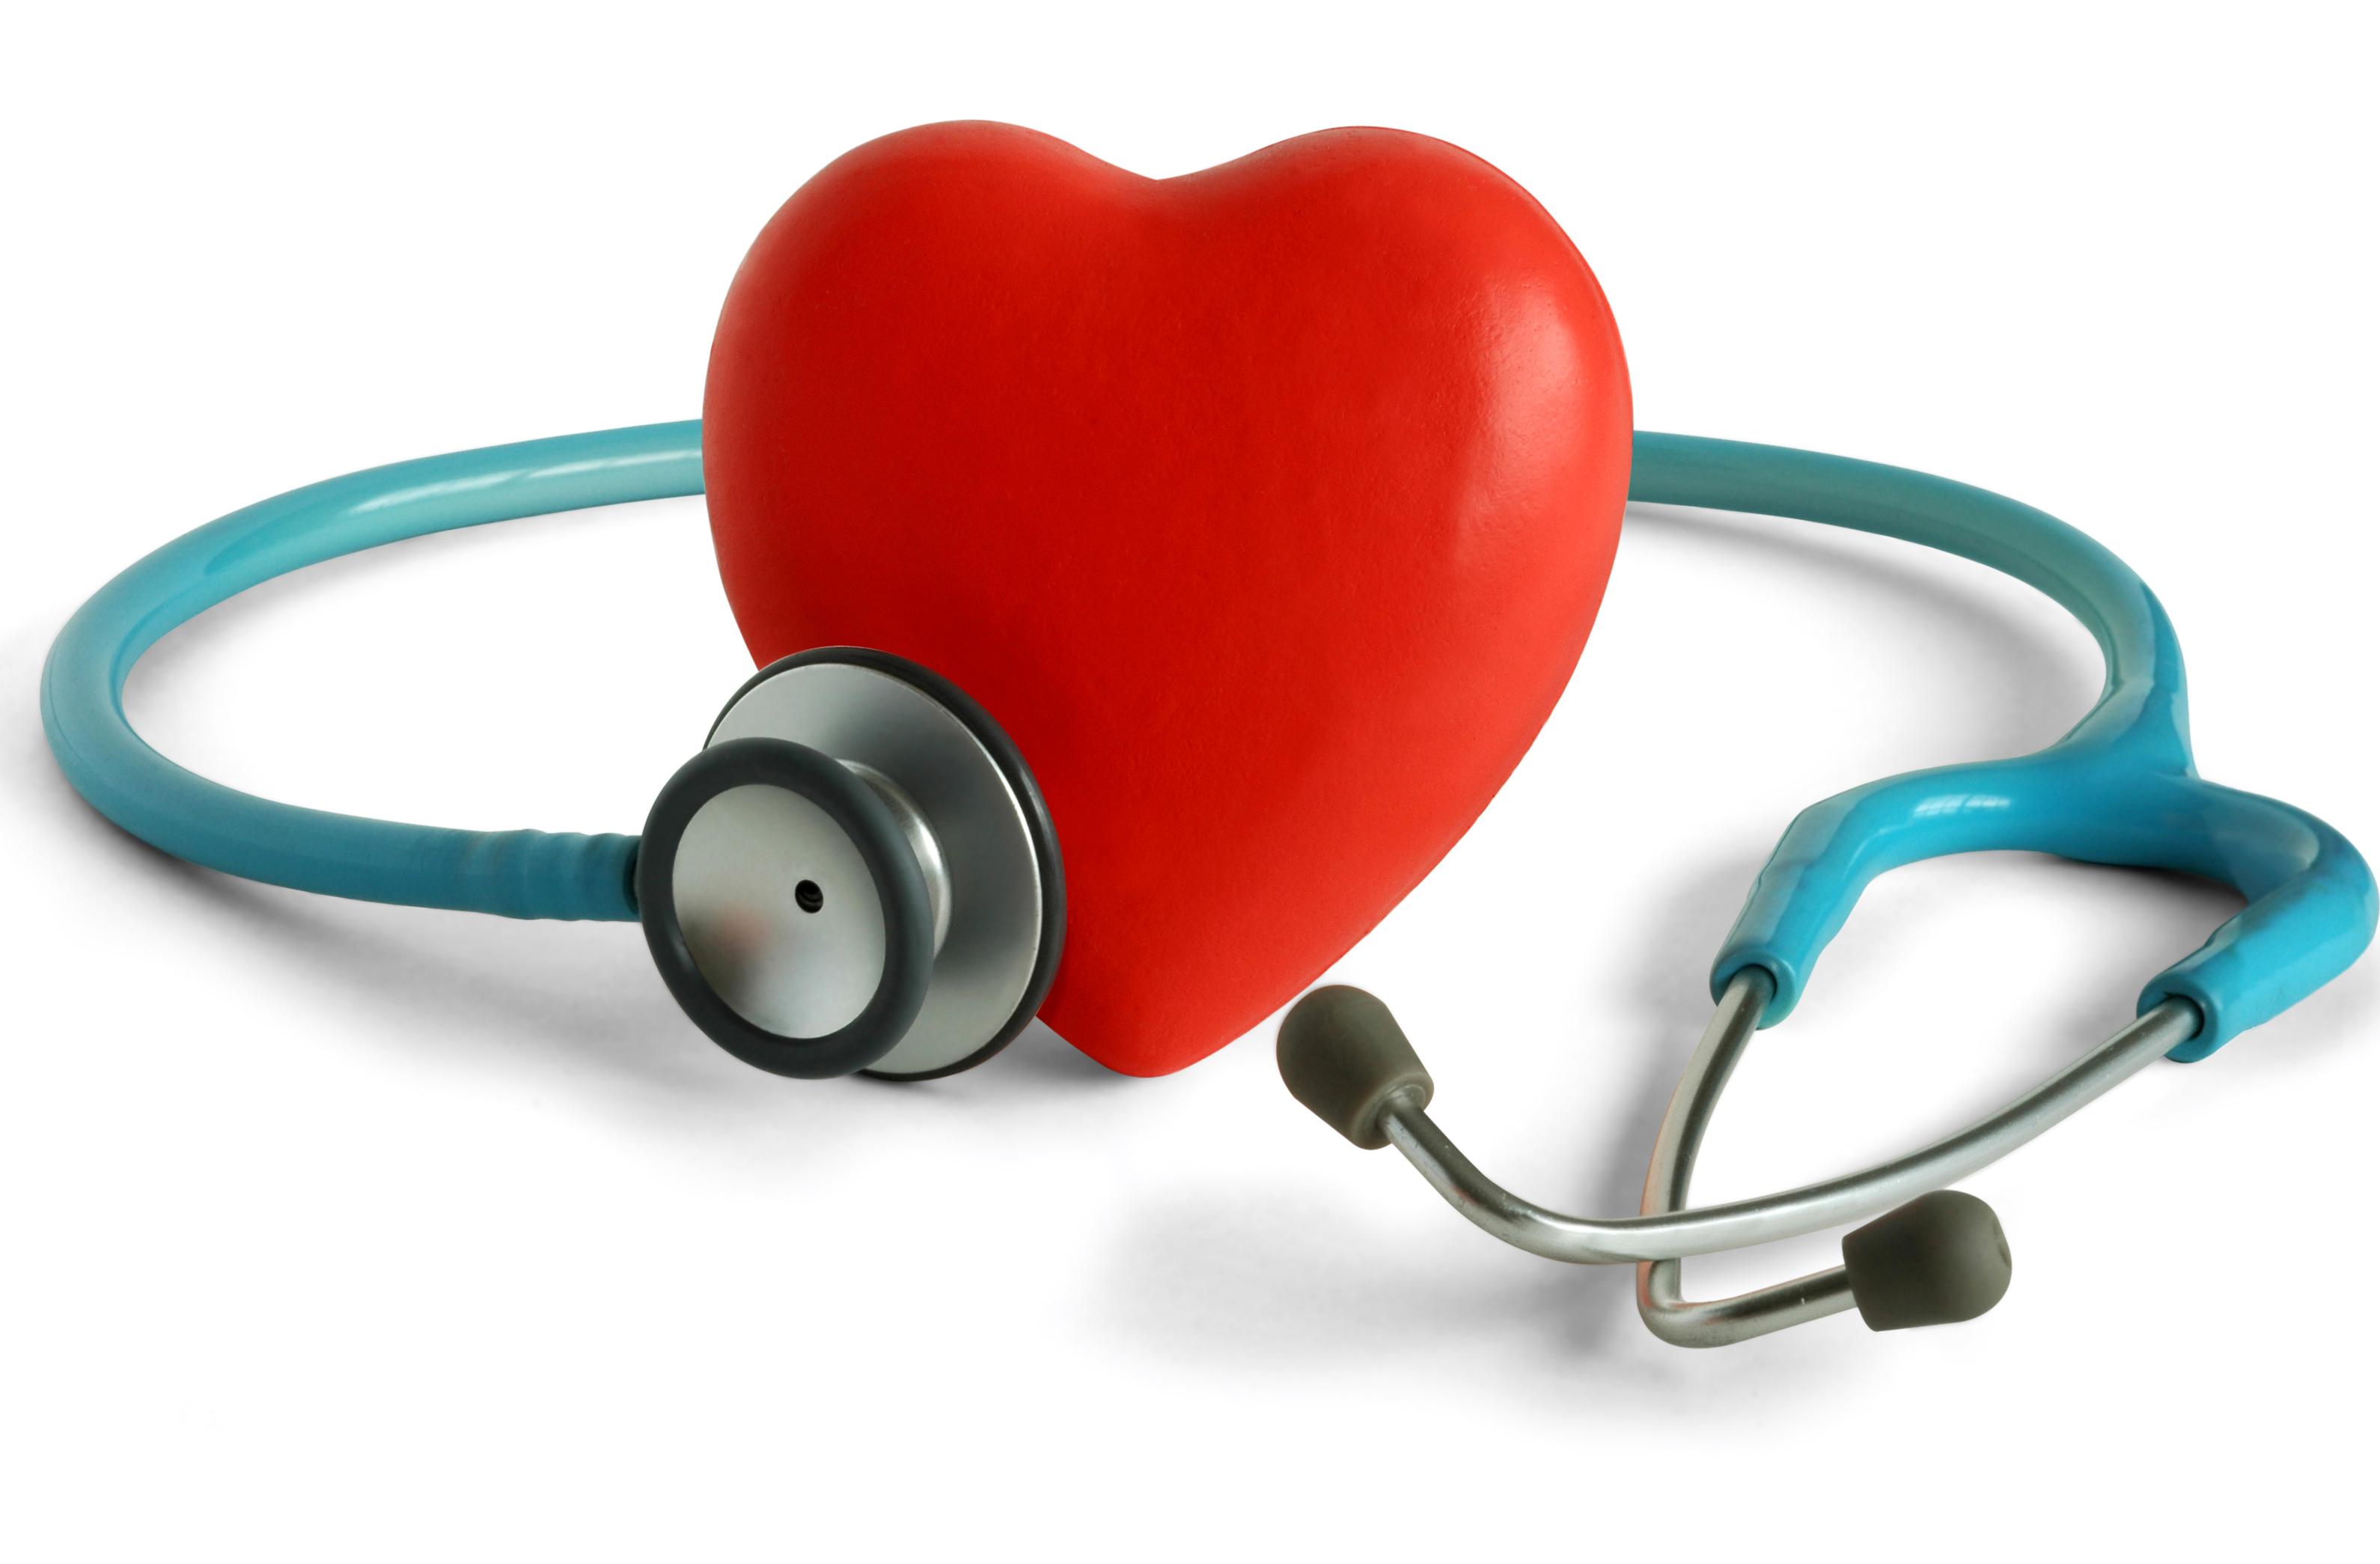 pokalbiai apie hipertenziją